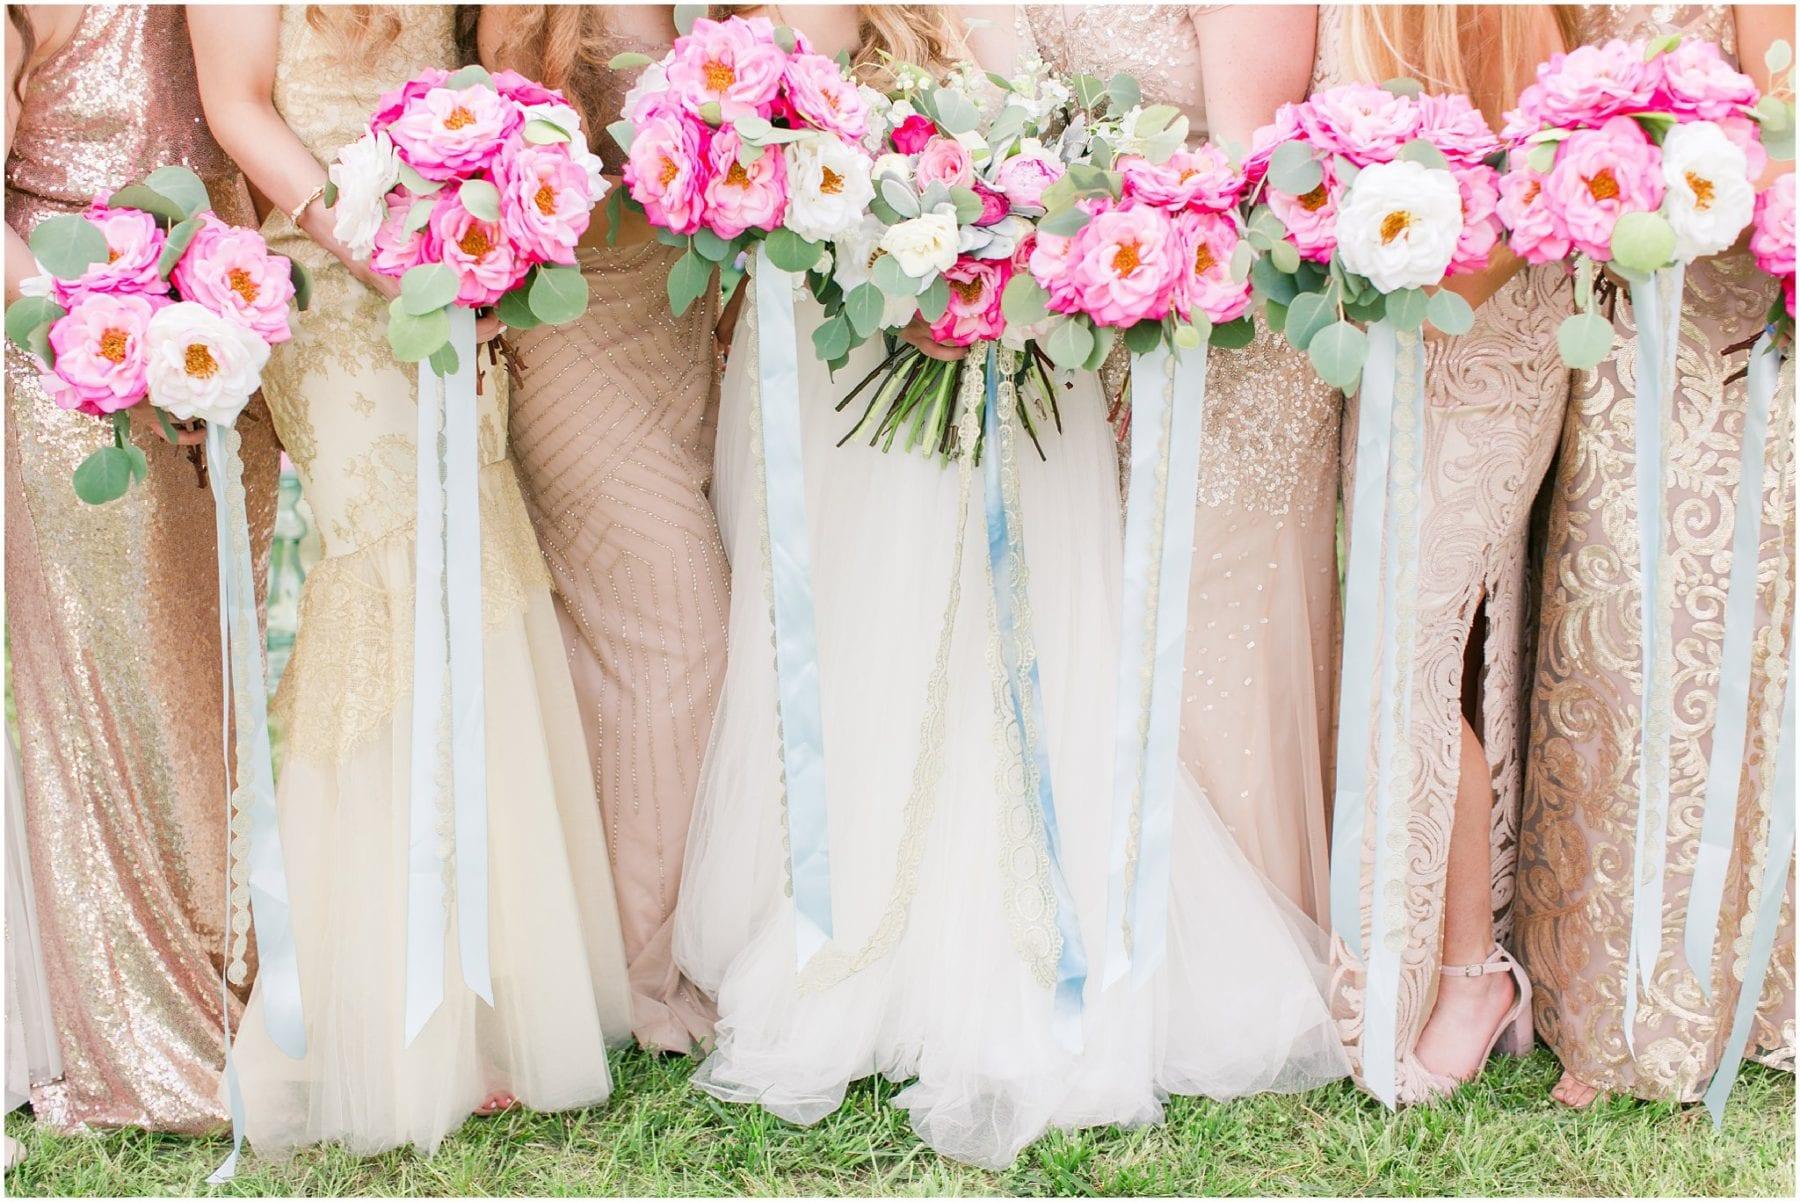 Maryland Backyard Wedding Photos Kelly & Zach Megan Kelsey Photography-151.jpg